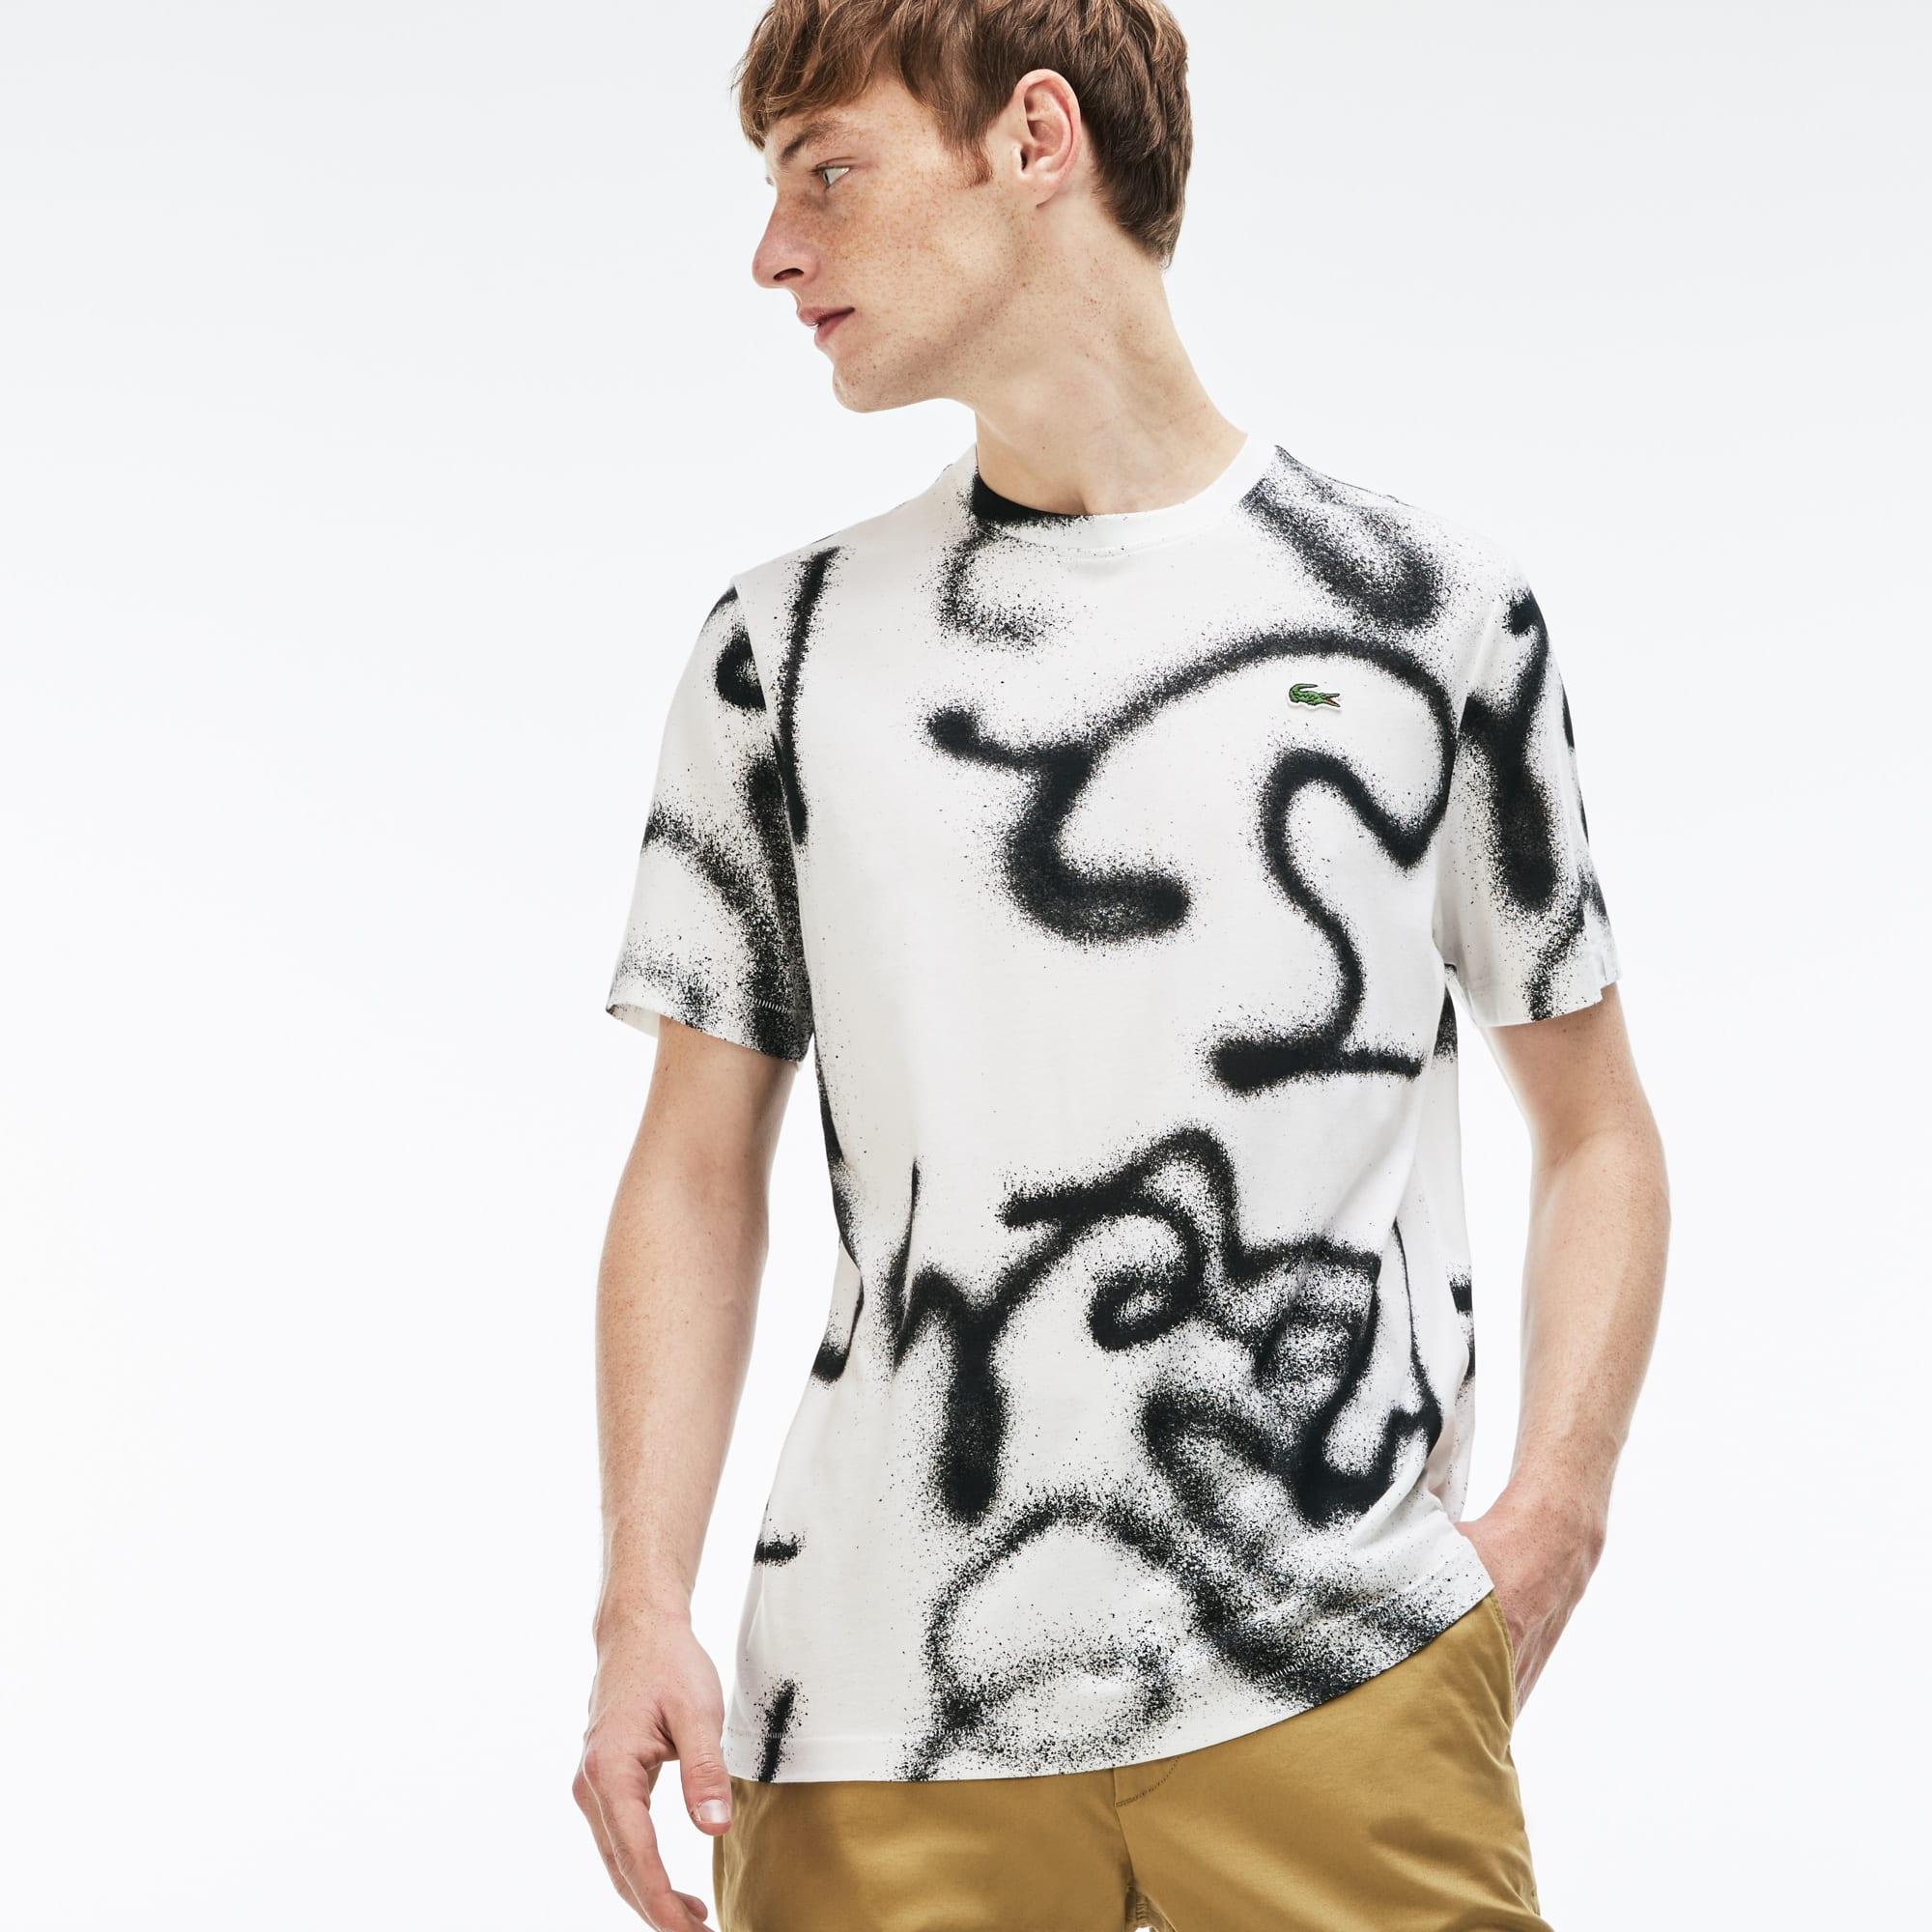 Lacoste LIVE-T-shirt heren ronde hals graffitiprint jersey